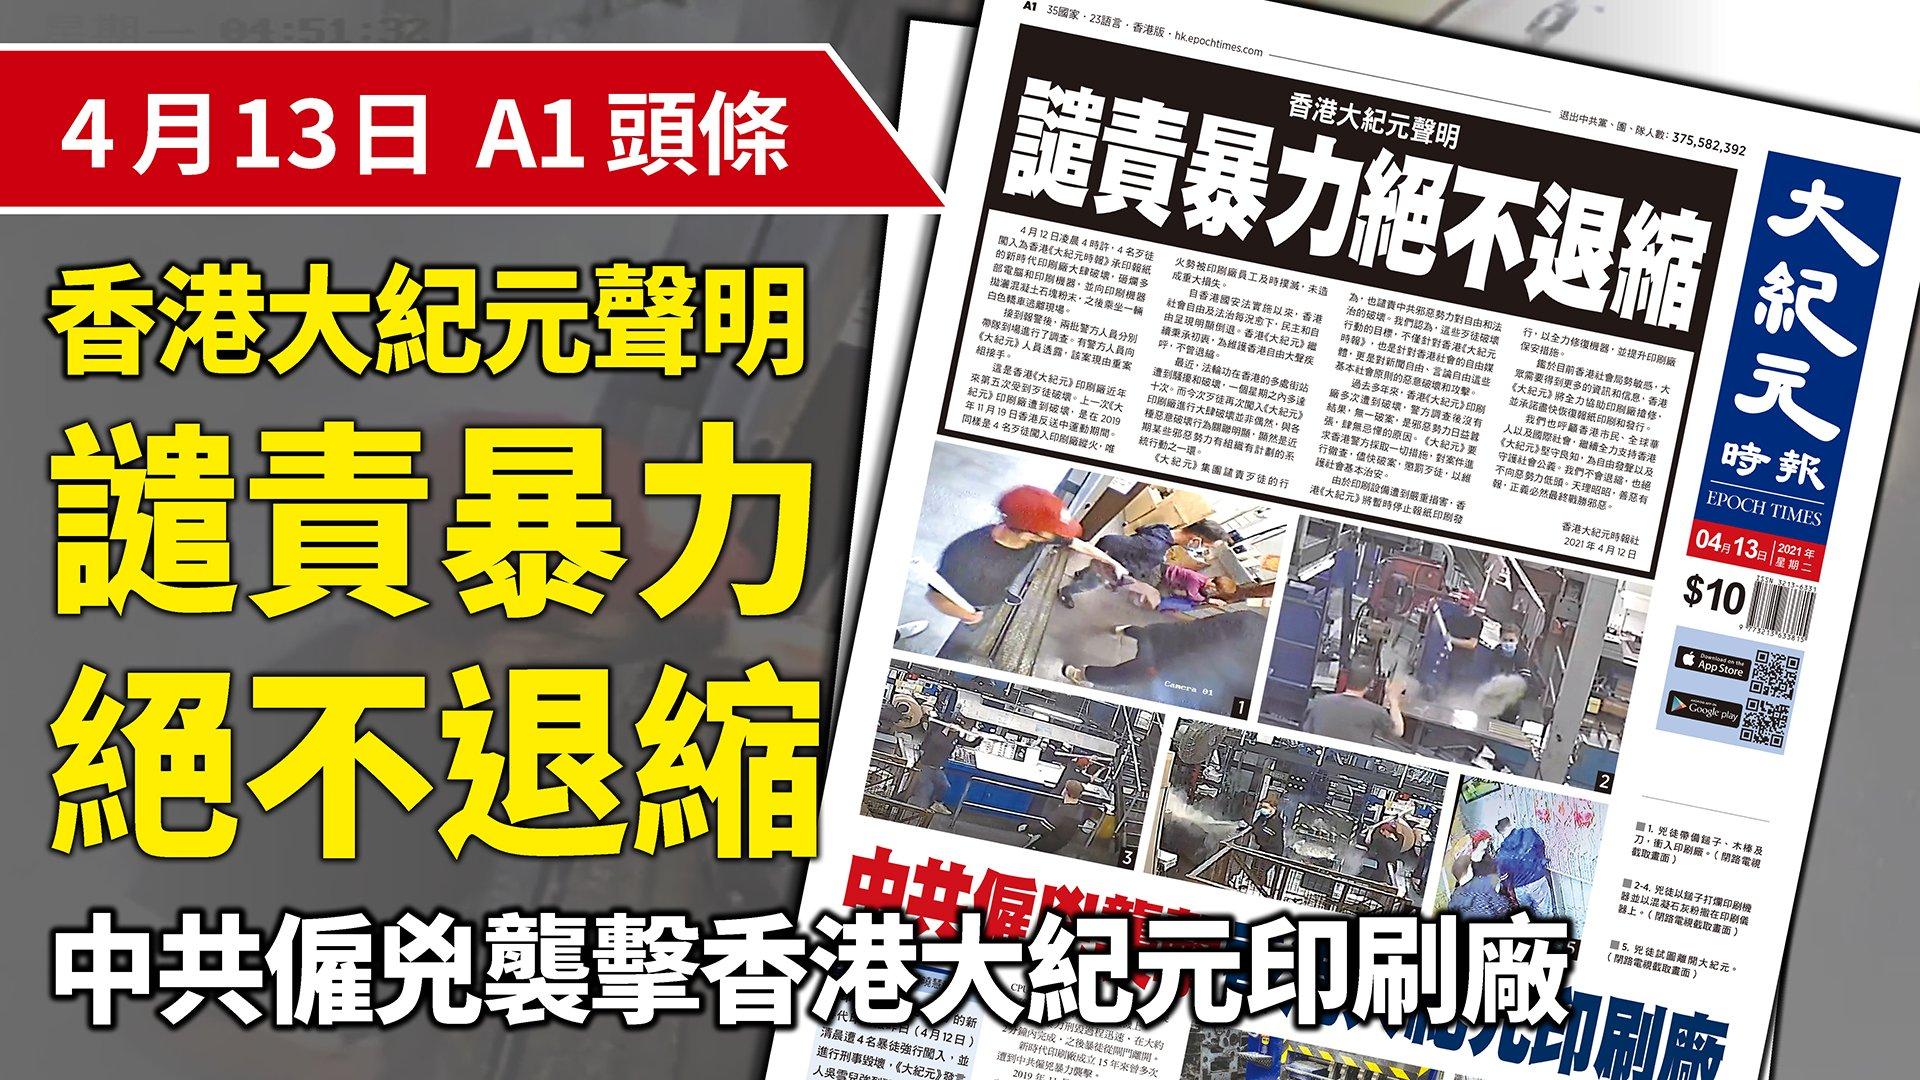 4月12日4名兇徒襲擊承印大紀元的印刷廠,香港大紀元發表聲明,譴責暴力,絕不退縮。(大紀元製圖)